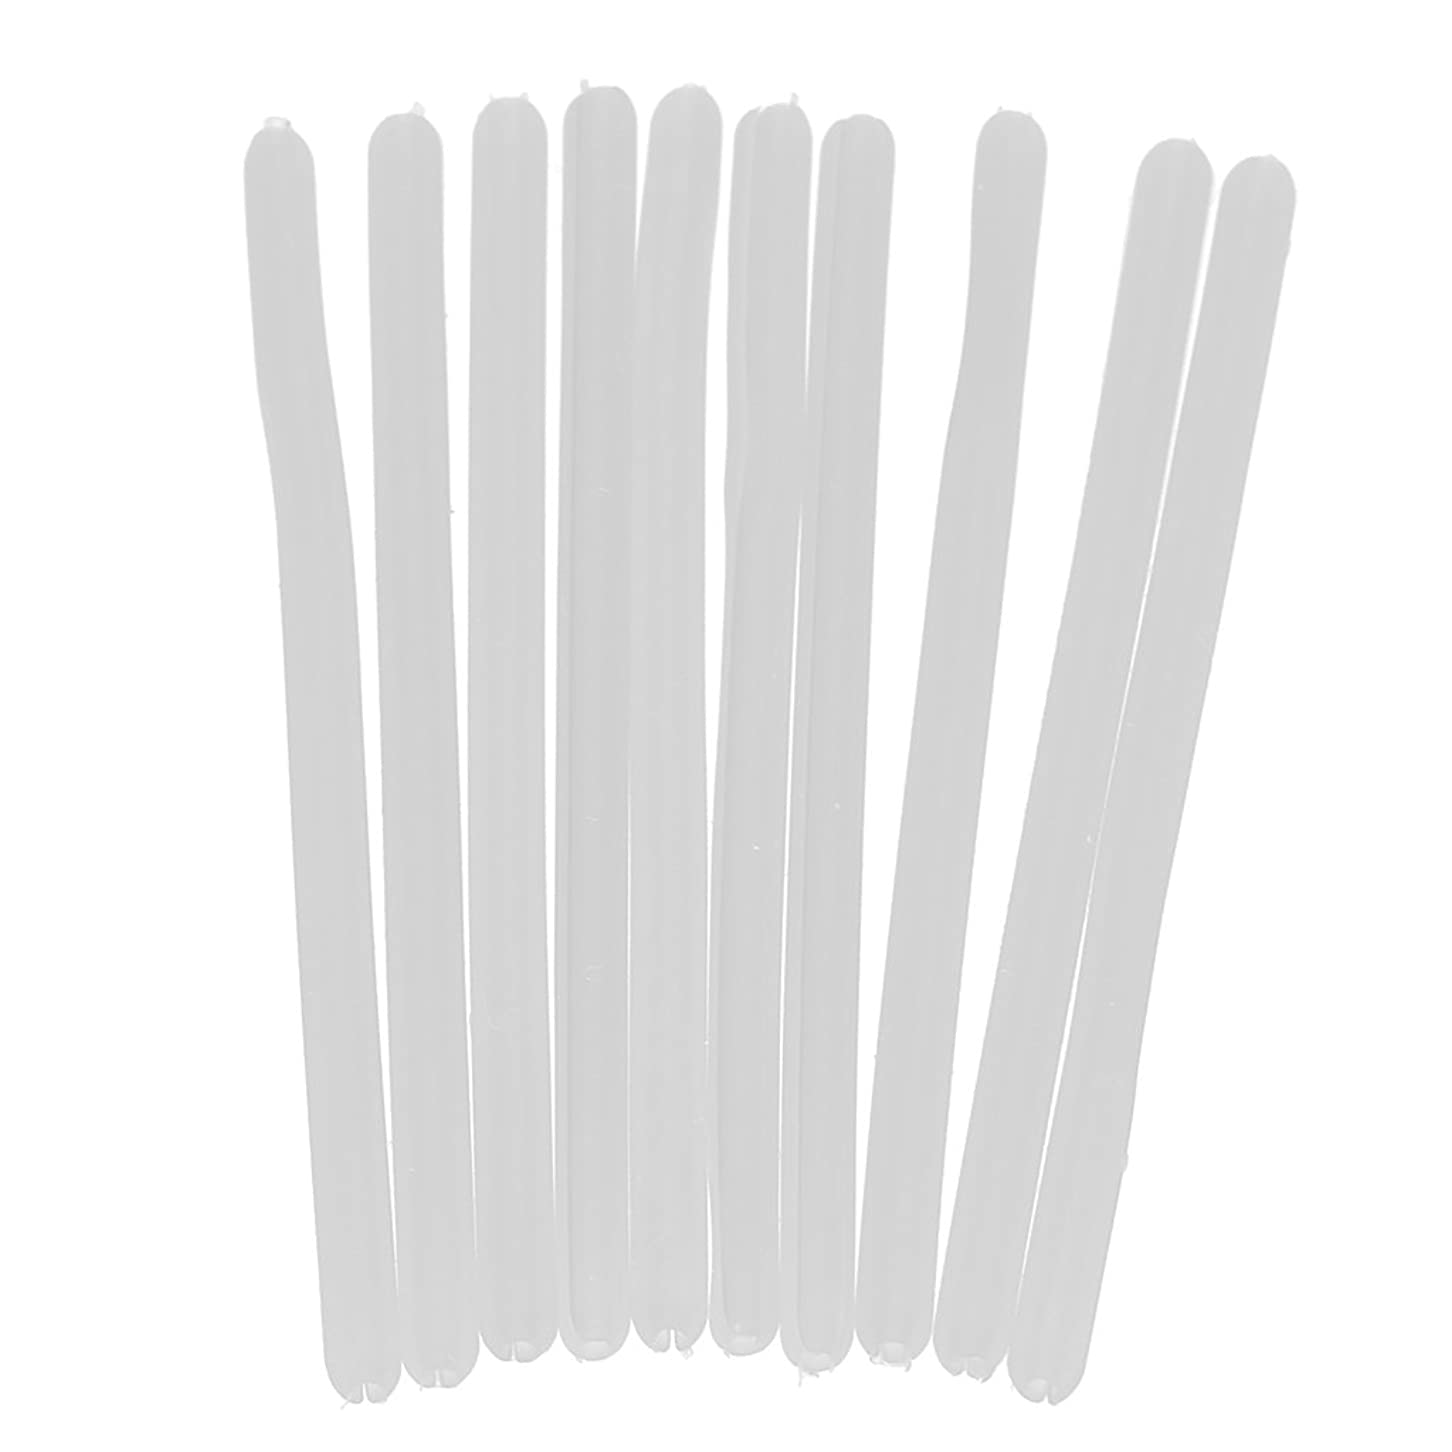 セクタに賛成雪だるまSONONIA シリコン メガネ テンプルチューブ ソフト 快適 保護 眼鏡修理用 交換可能 10本入り 全2色 - 白